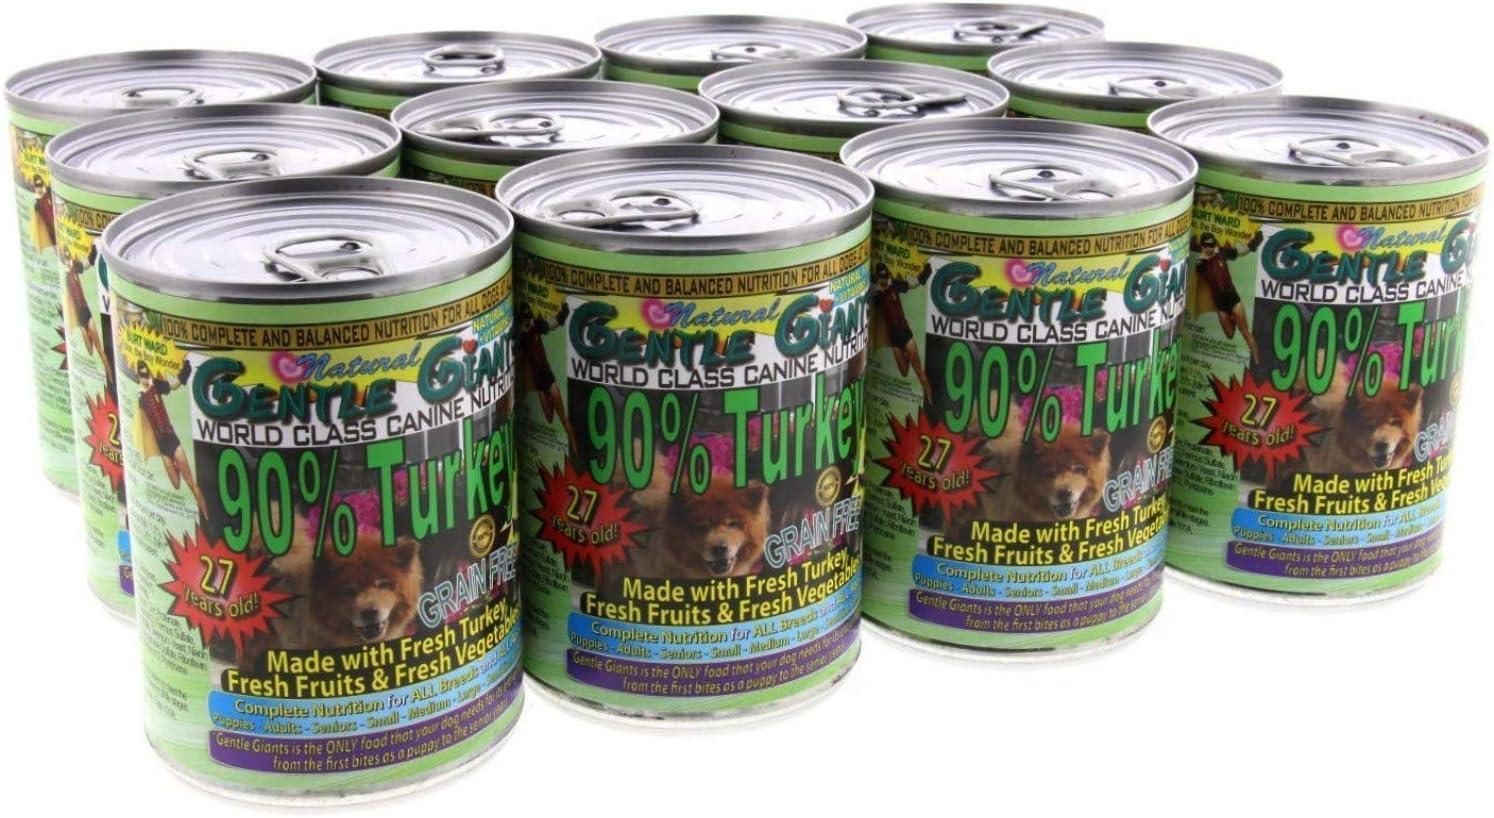 Análisis de la comida para perros Gentle Giants 11